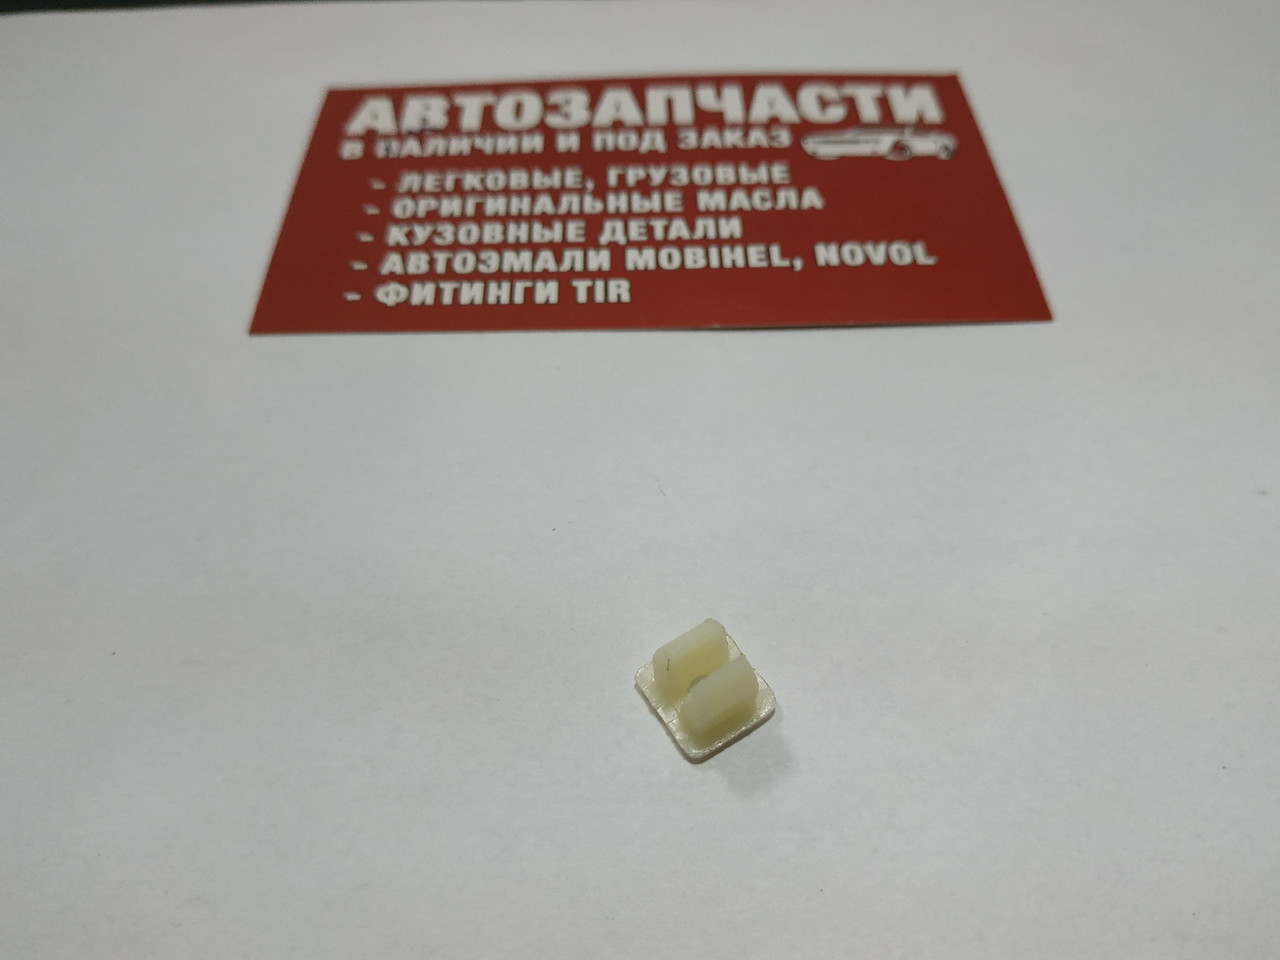 Квадрат обшивки 6.5 мм х 6.5 мм